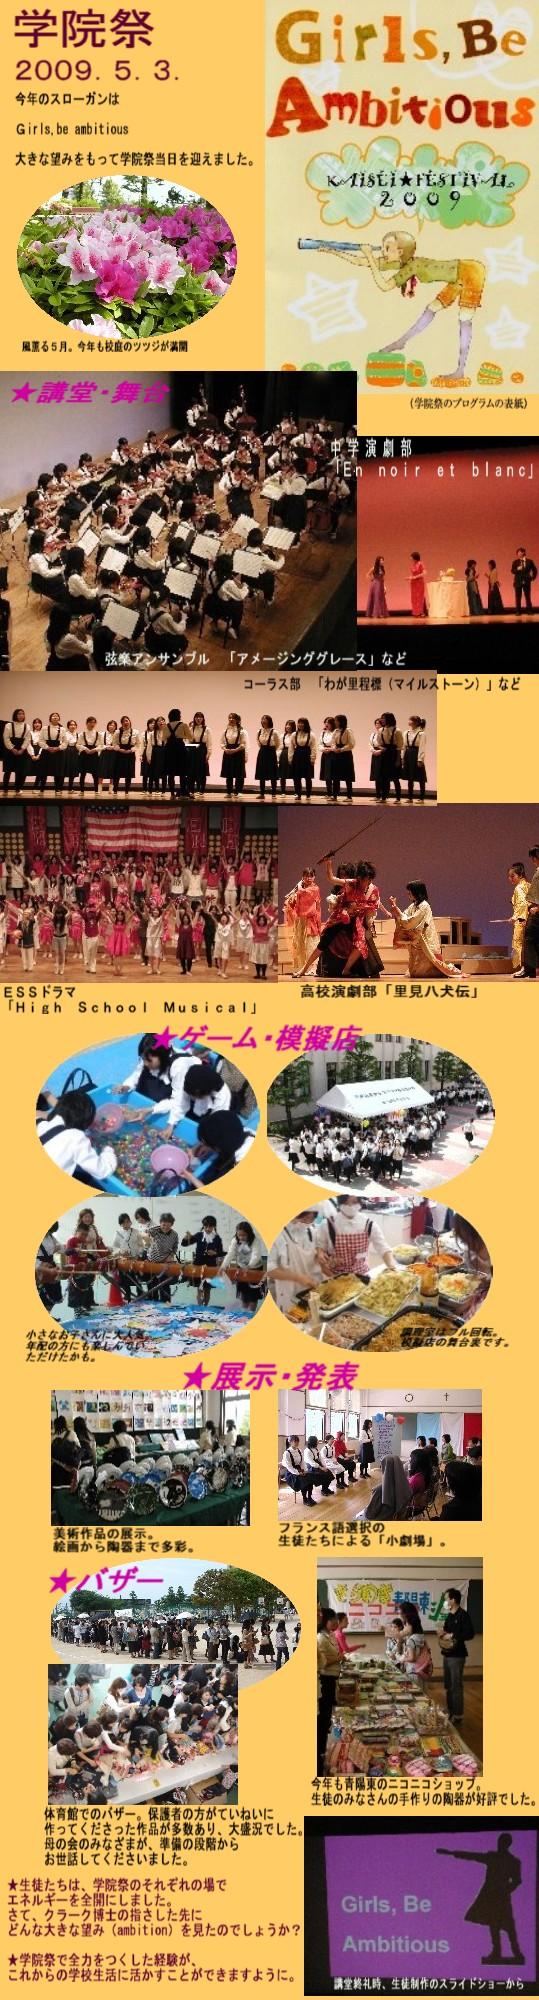 09学院祭hp.JPG